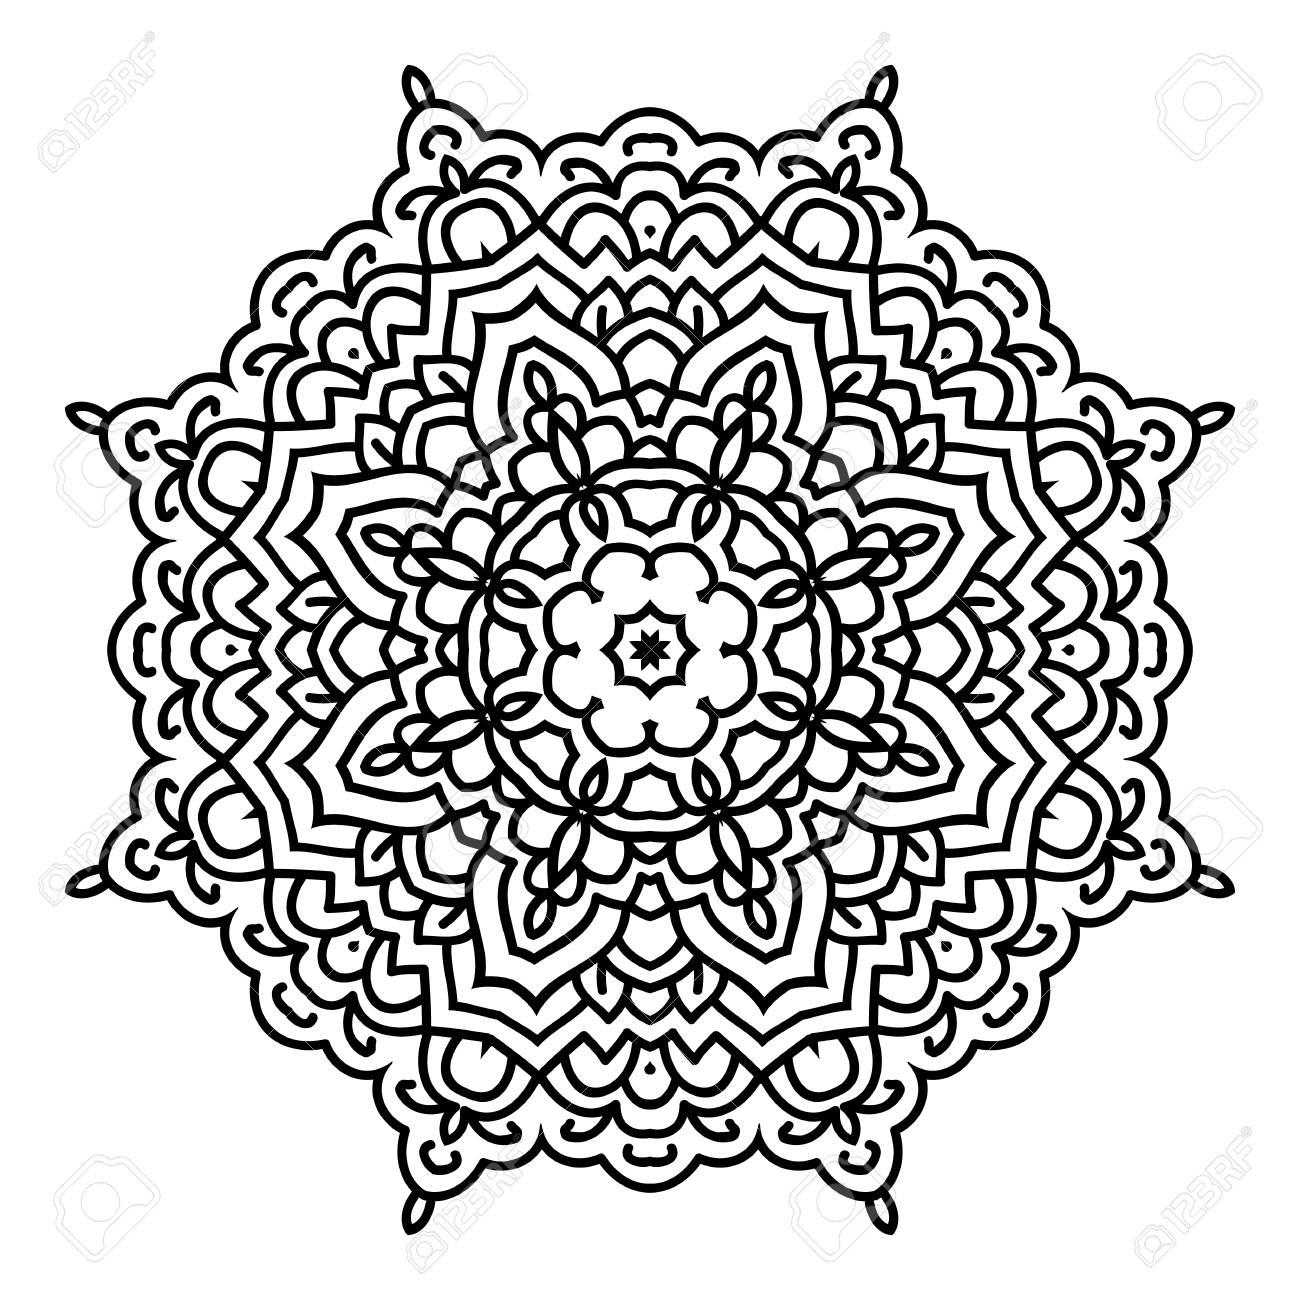 Mandala. Schwarze Und Weiße Dekorative Element. Bild Zum Ausmalen ...